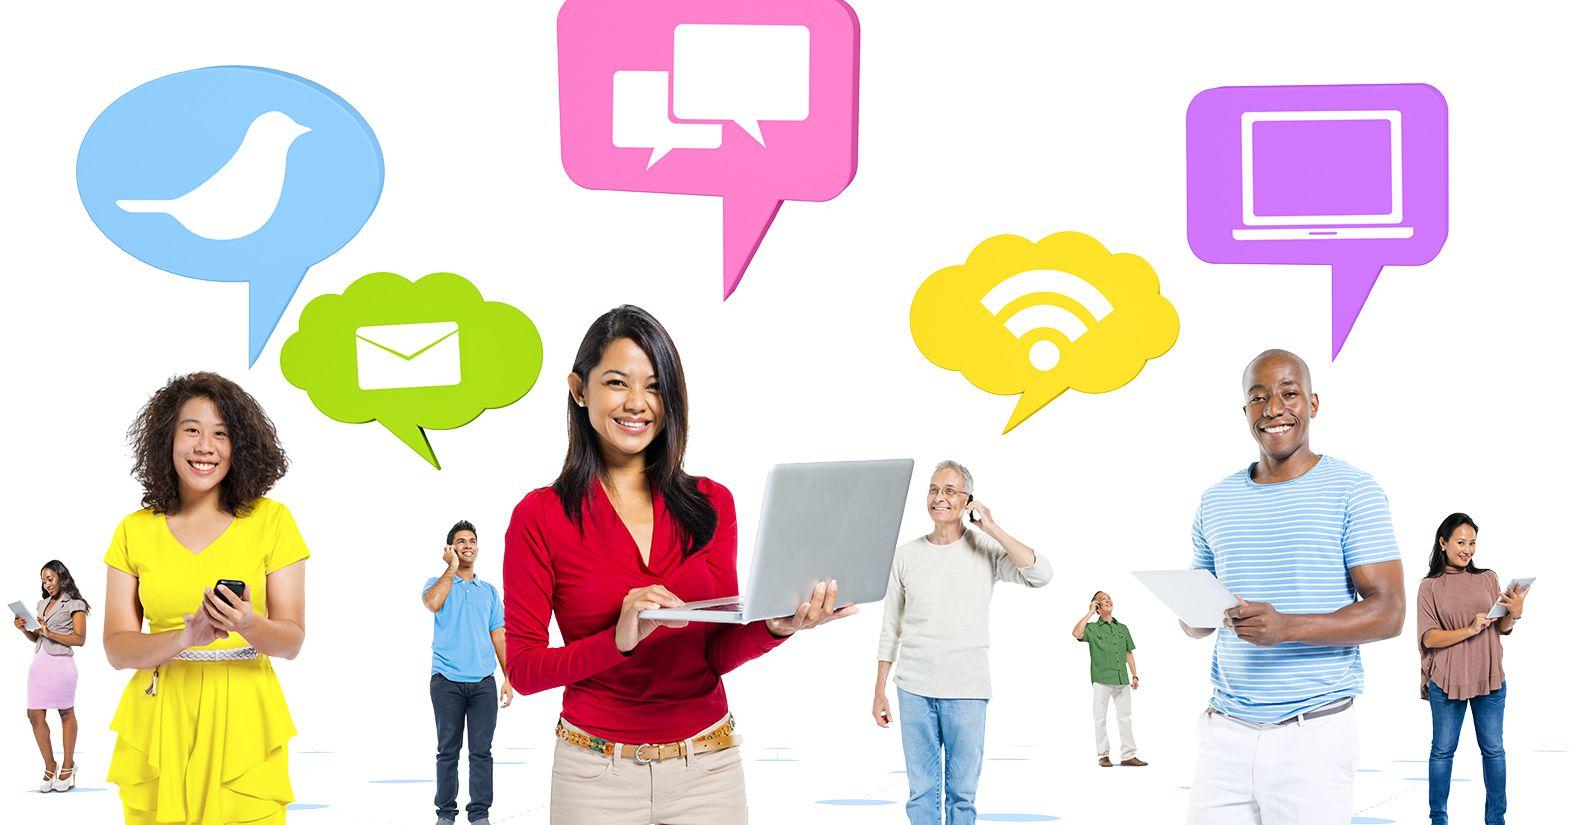 Kỹ thuật Chăm sóc khách hàng lấy được sự tin cậy từ khách hàng